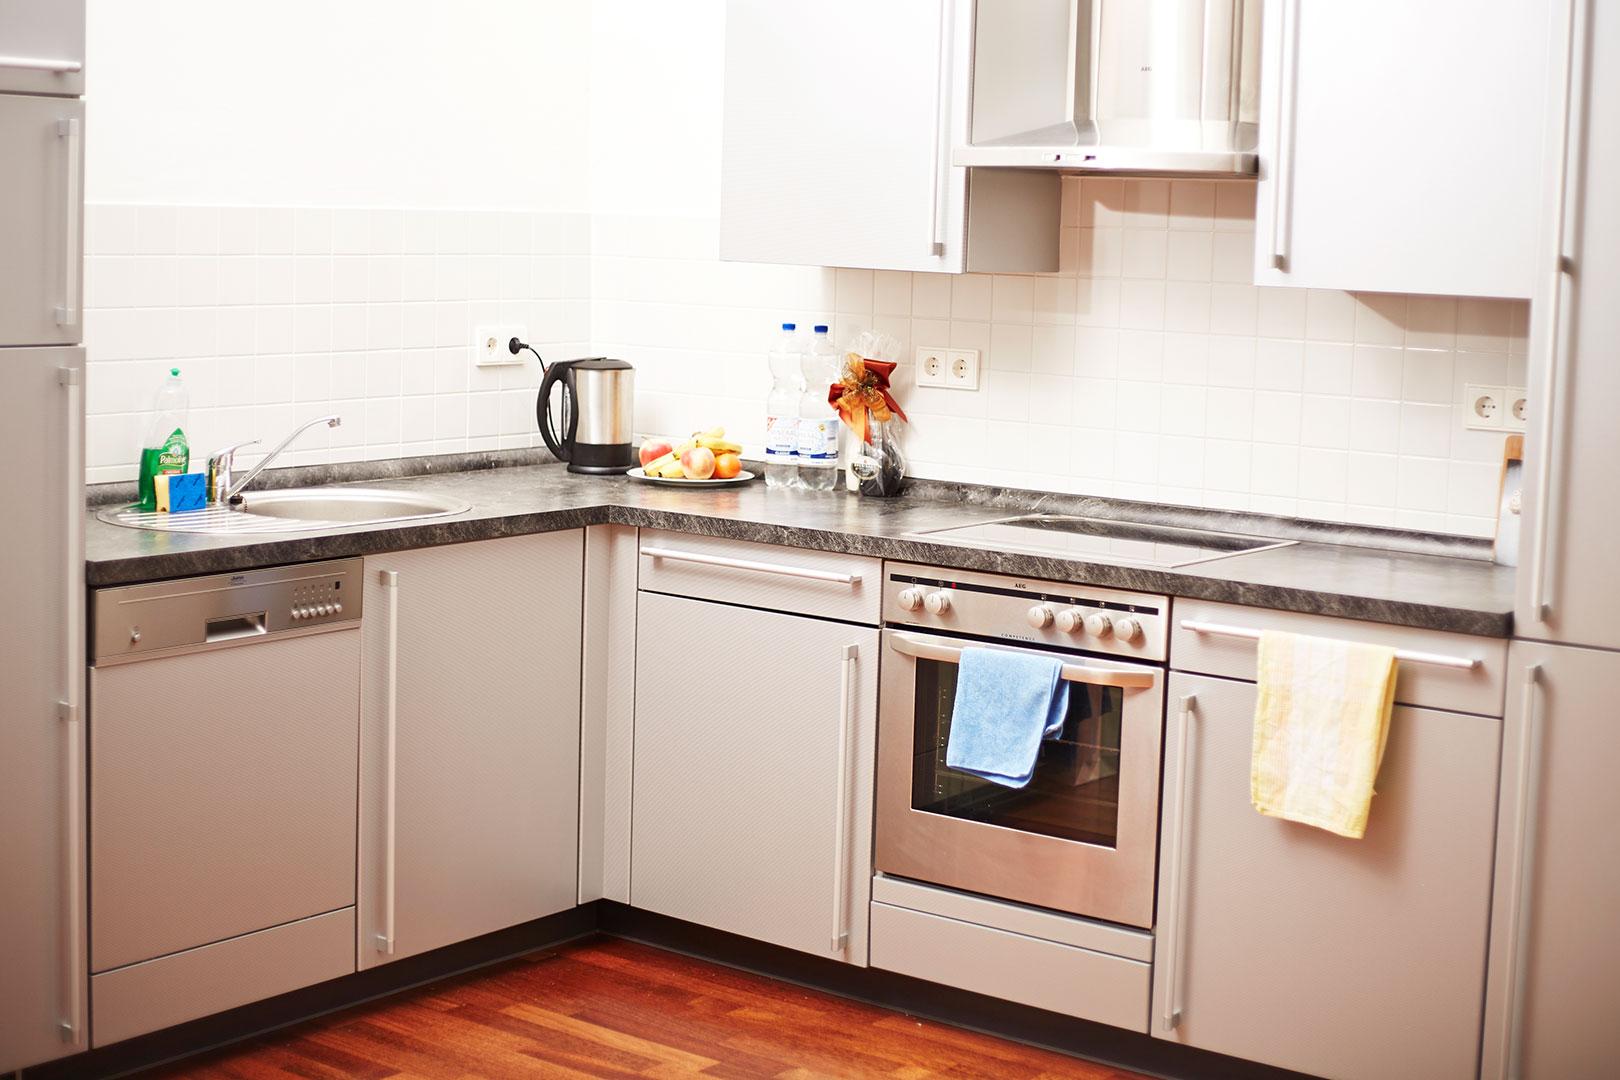 Saubere Küche ohne schmutziges Geschirr